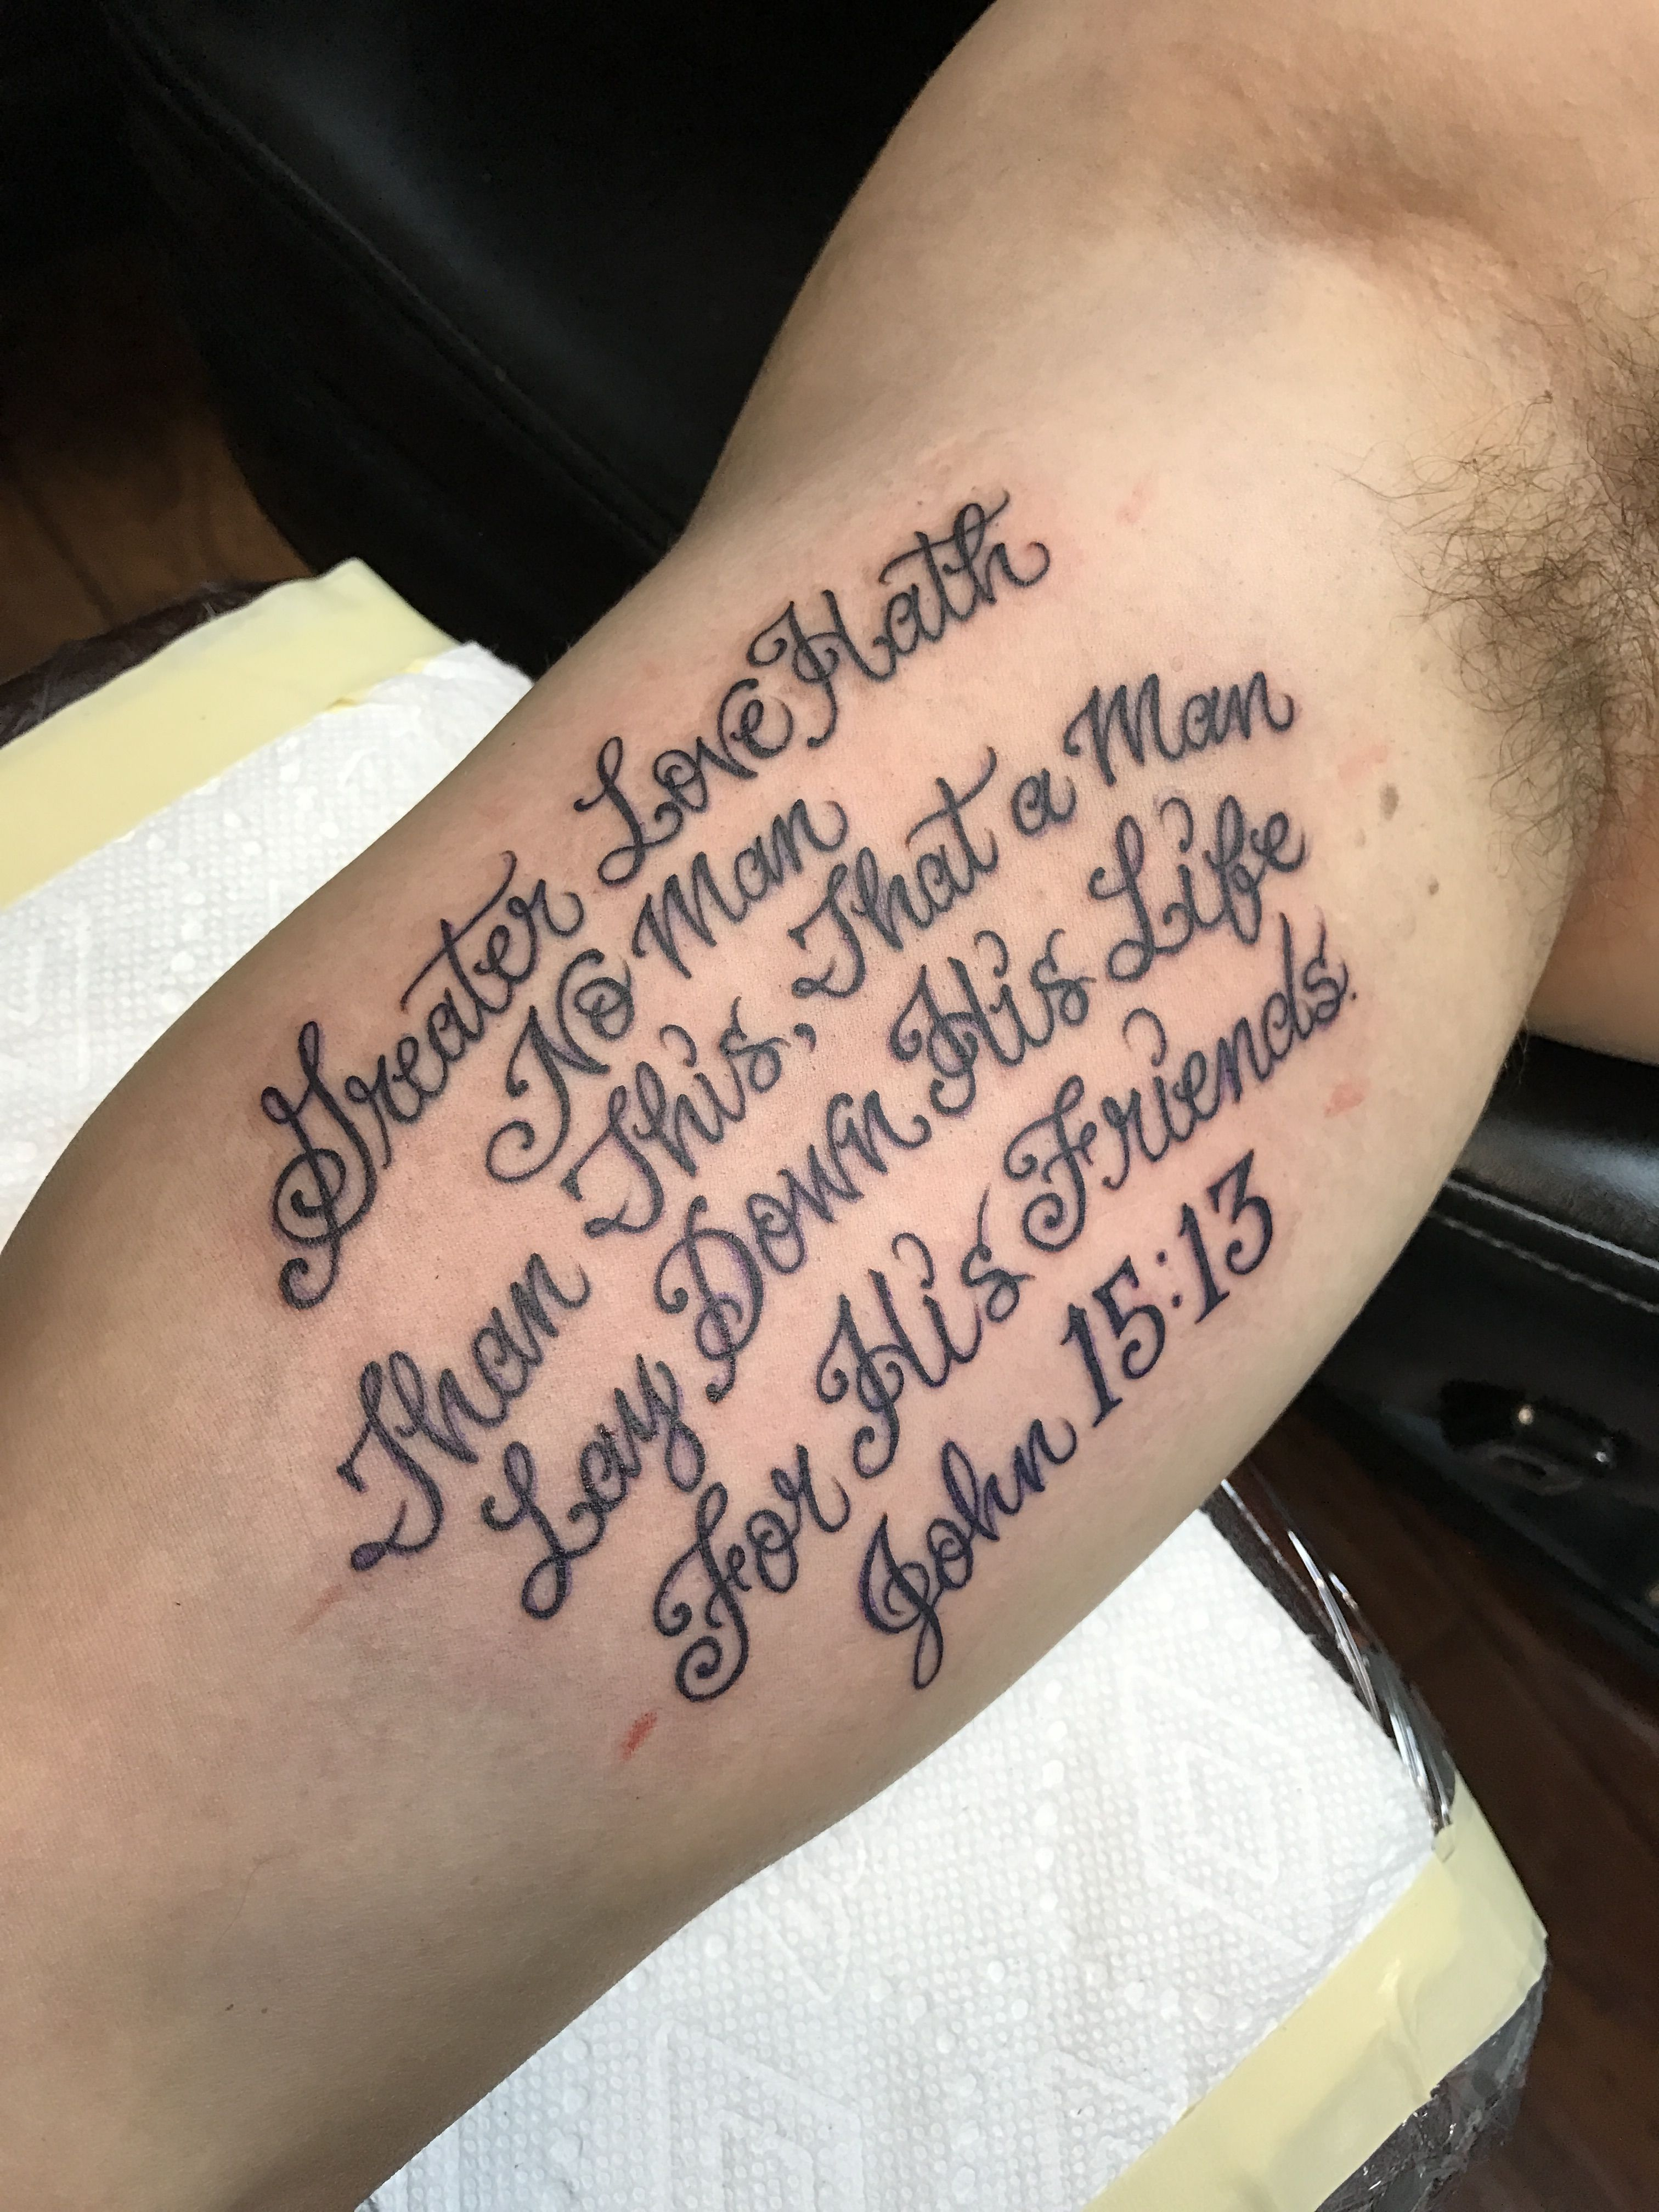 John 1513 Tattoo 13 Tattoos Tattoos Verse Tattoos